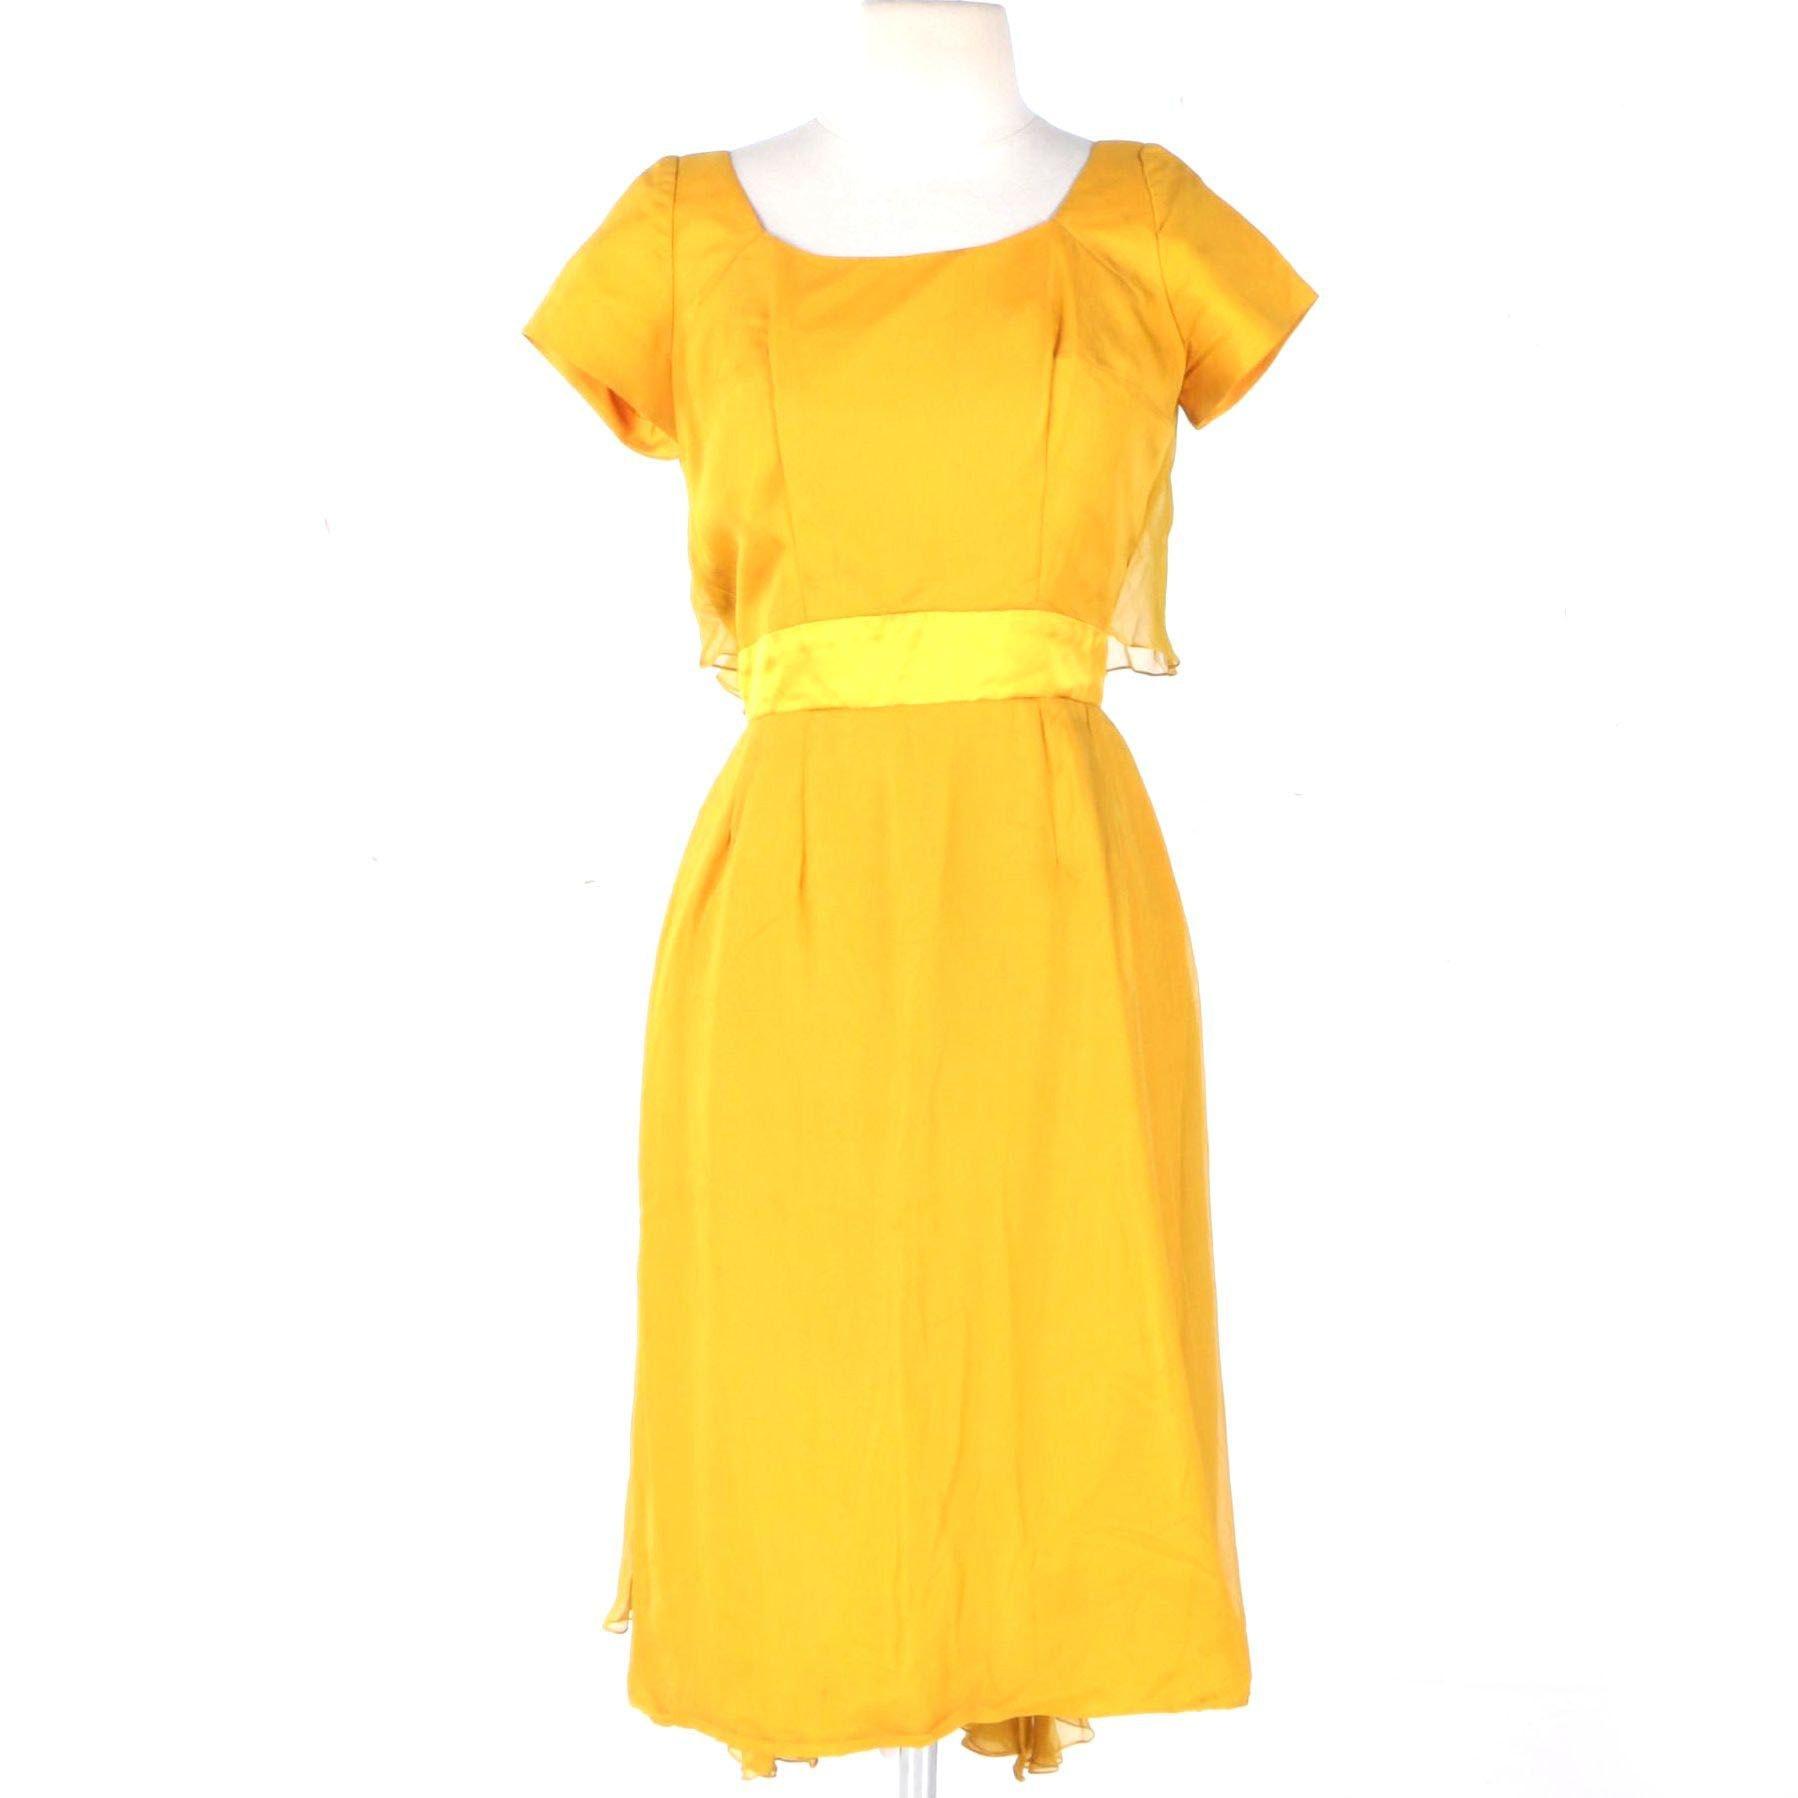 1950s Mustard Yellow Chiffon Cocktail Dress